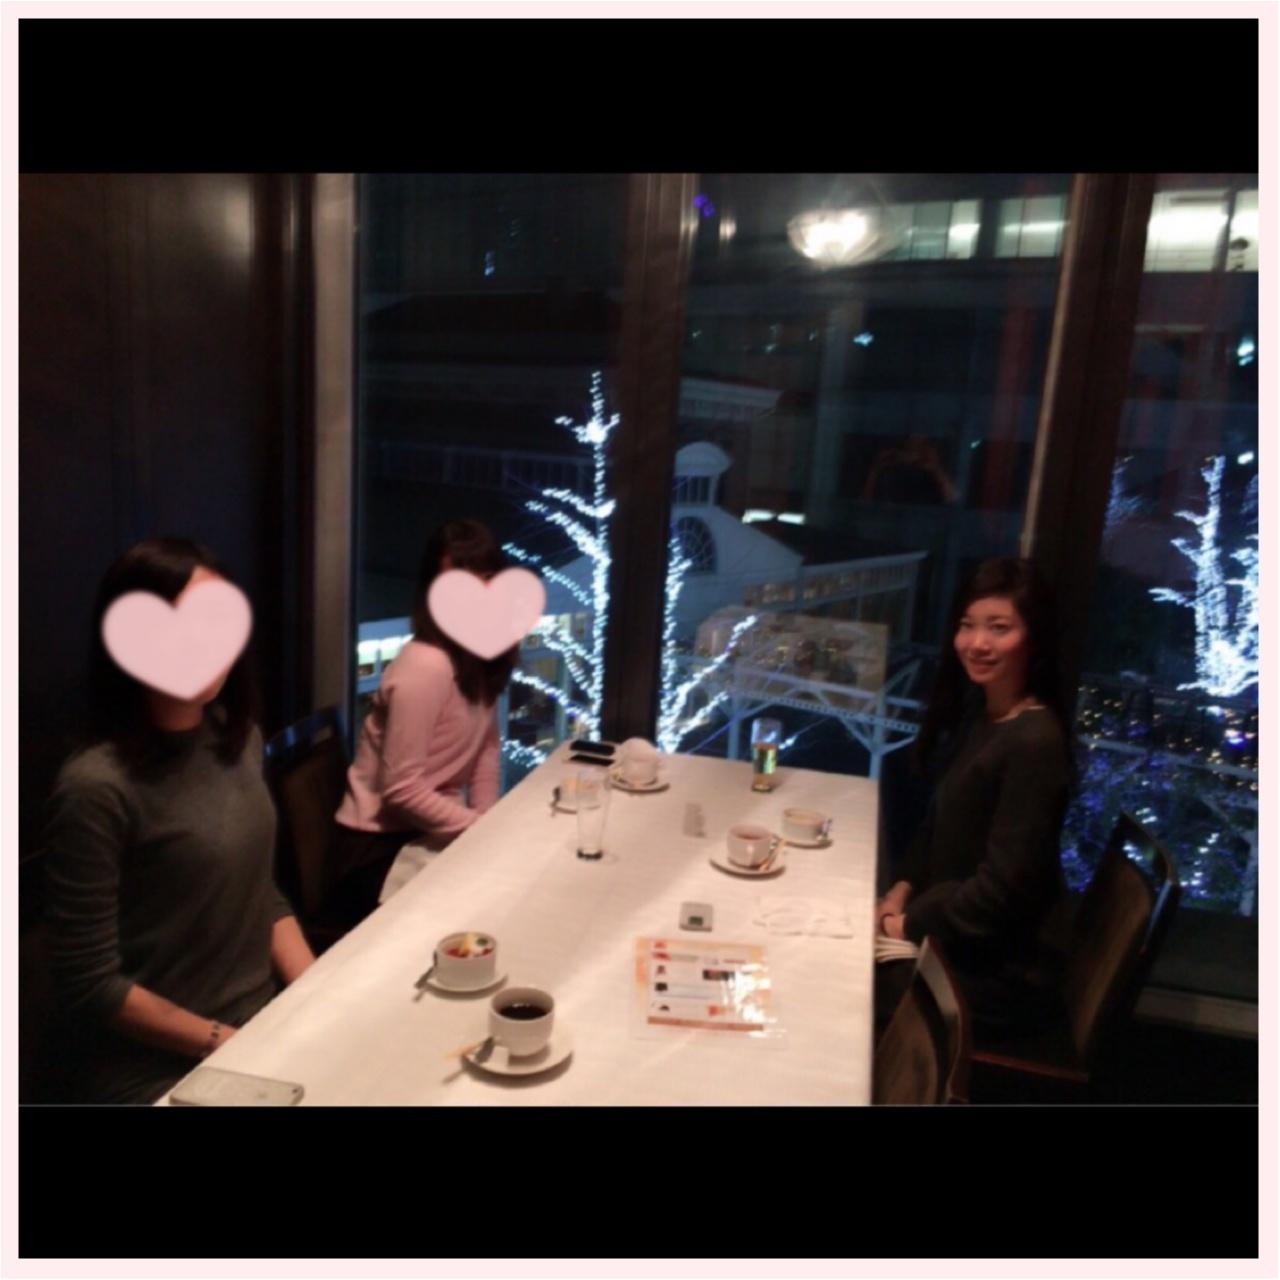 忘年会♡♡♡汐留でイルミネーションを見ながらディナーしたよ♪♪_3